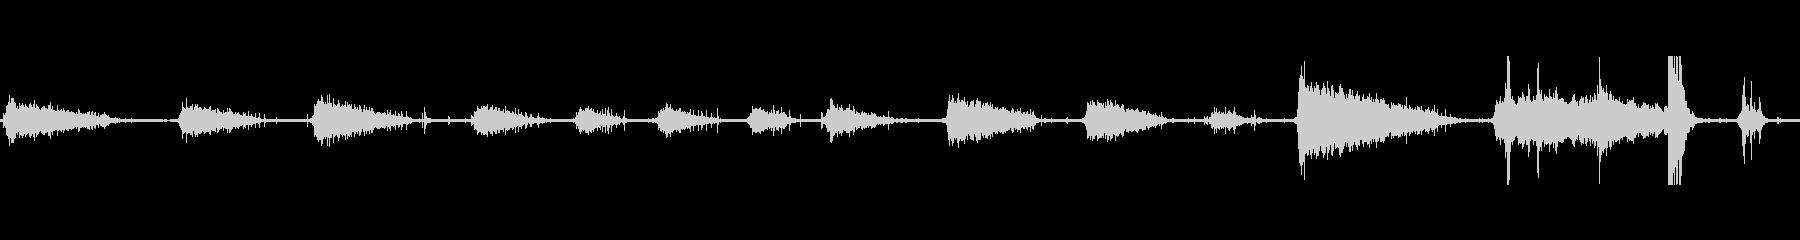 メタルローリングピンスピンの未再生の波形